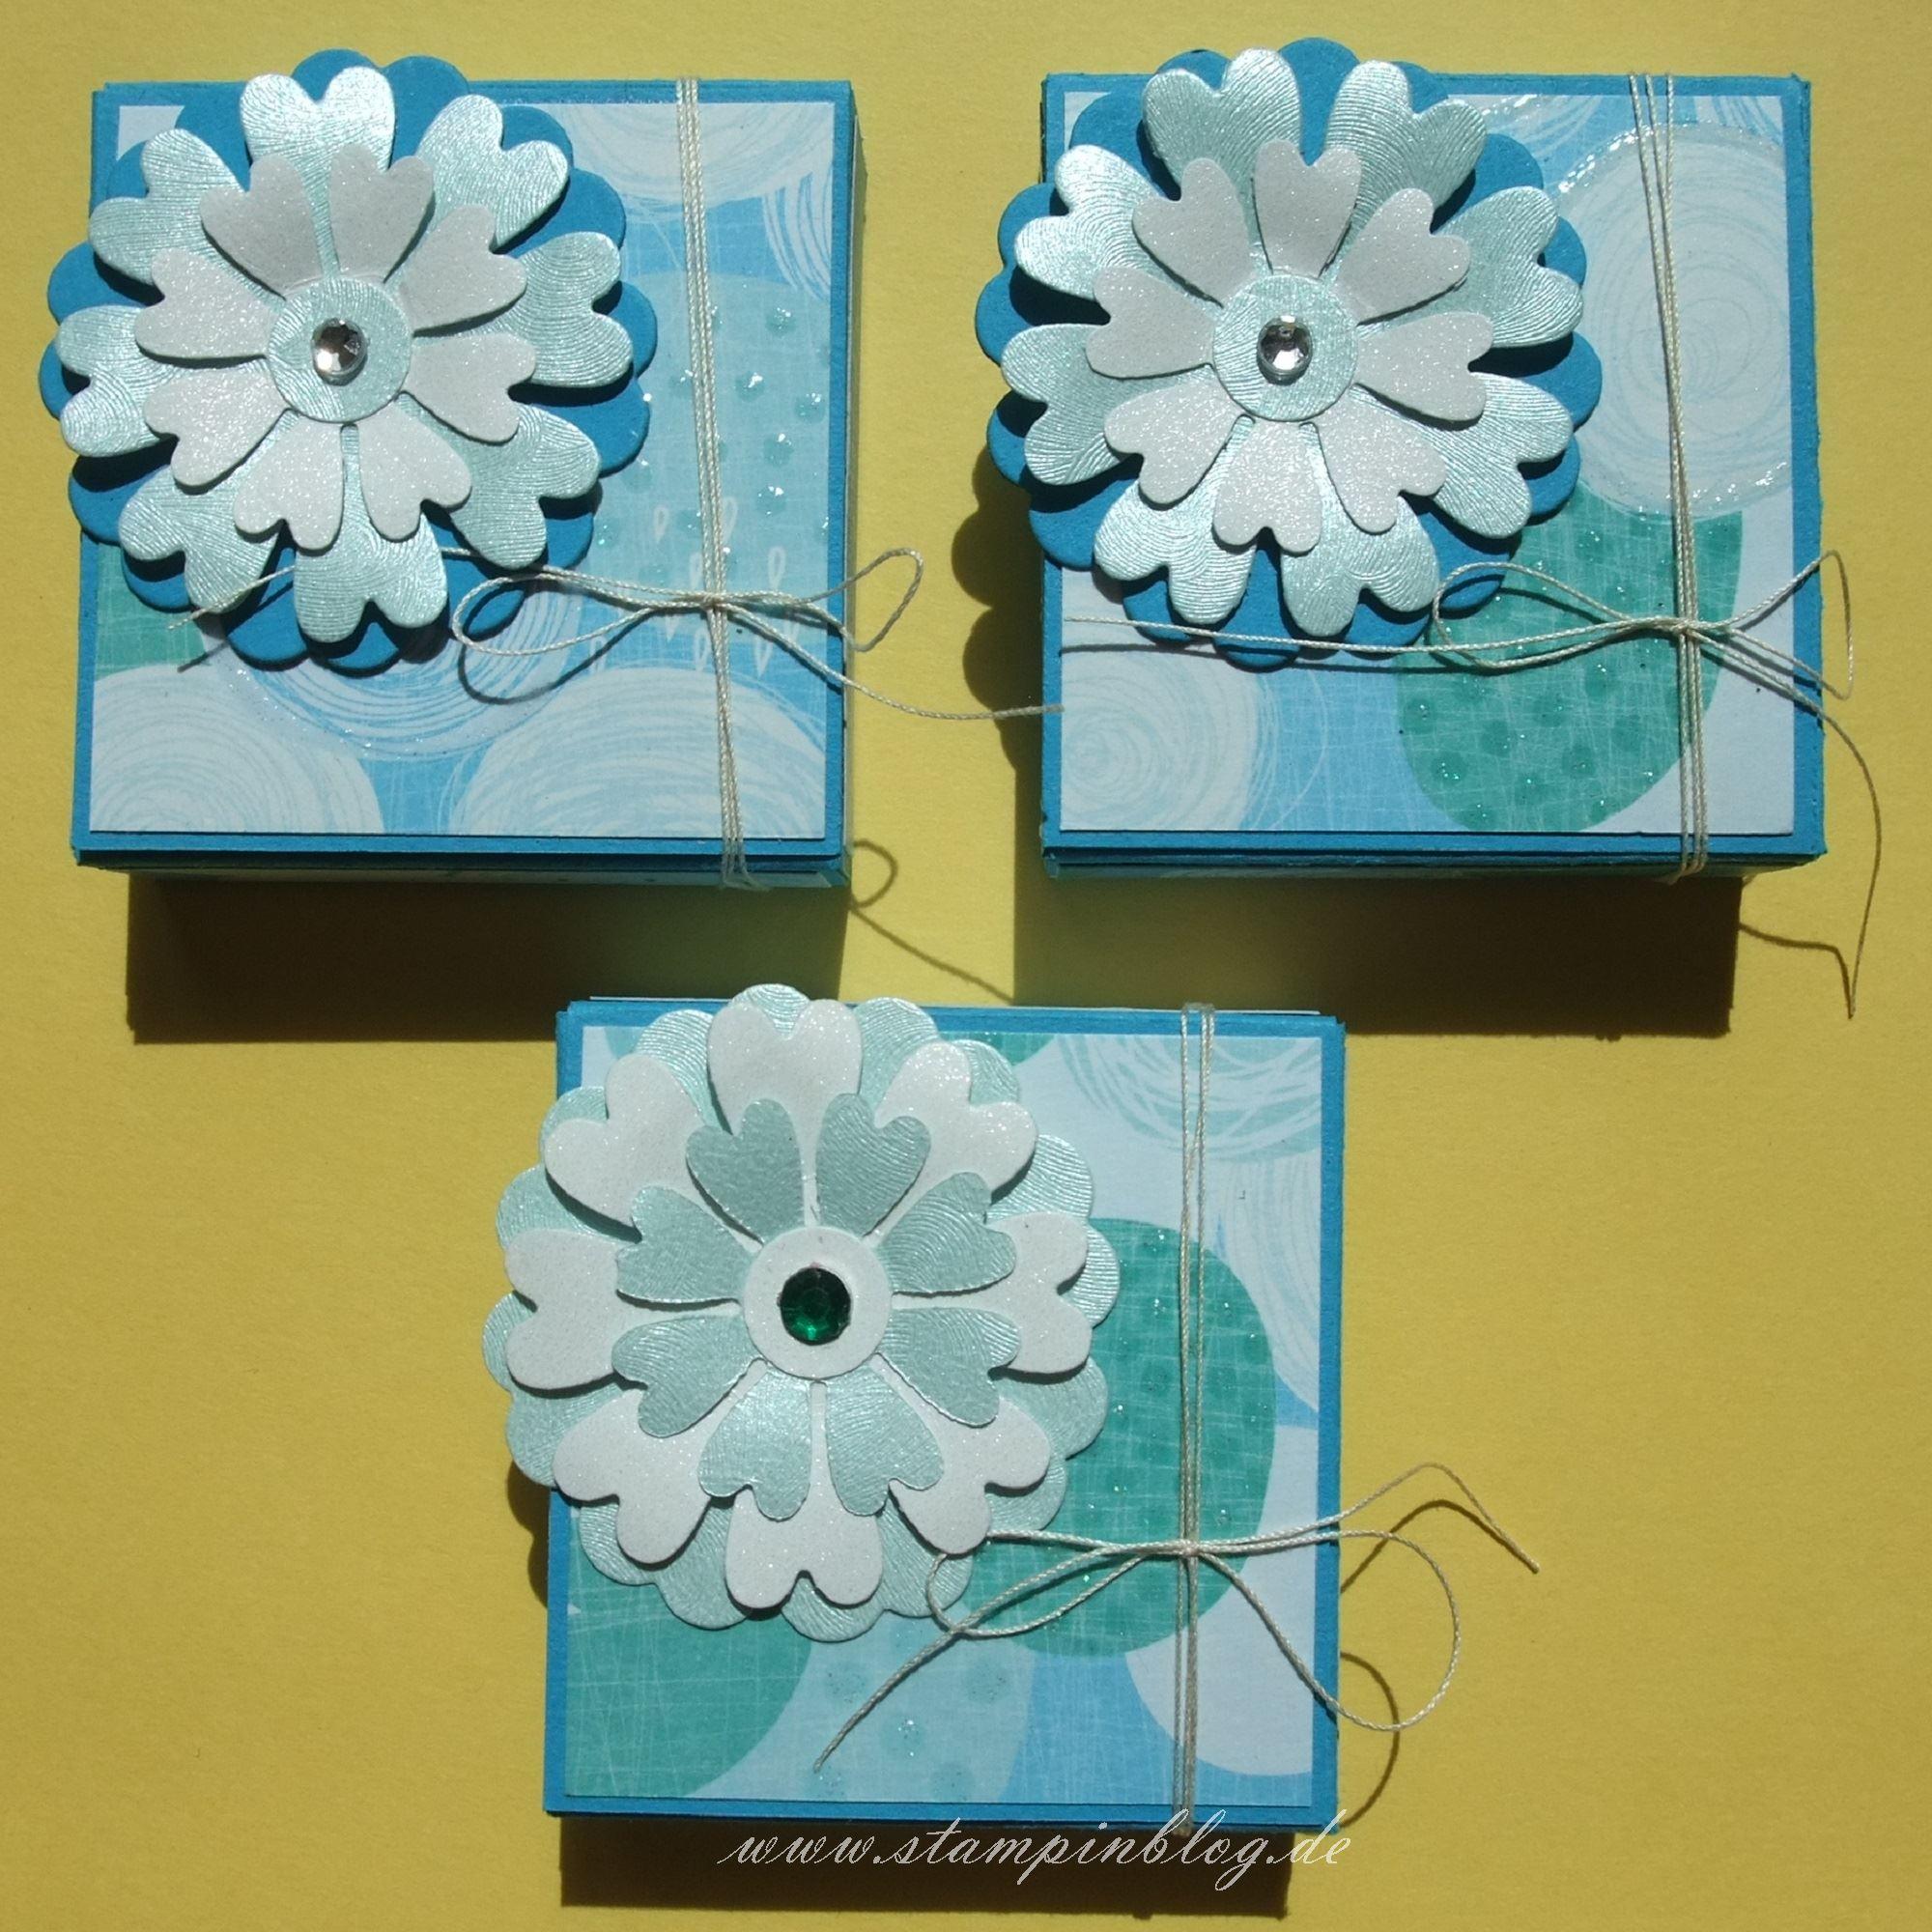 Verpackung-Rittersport-Blume-blau-1